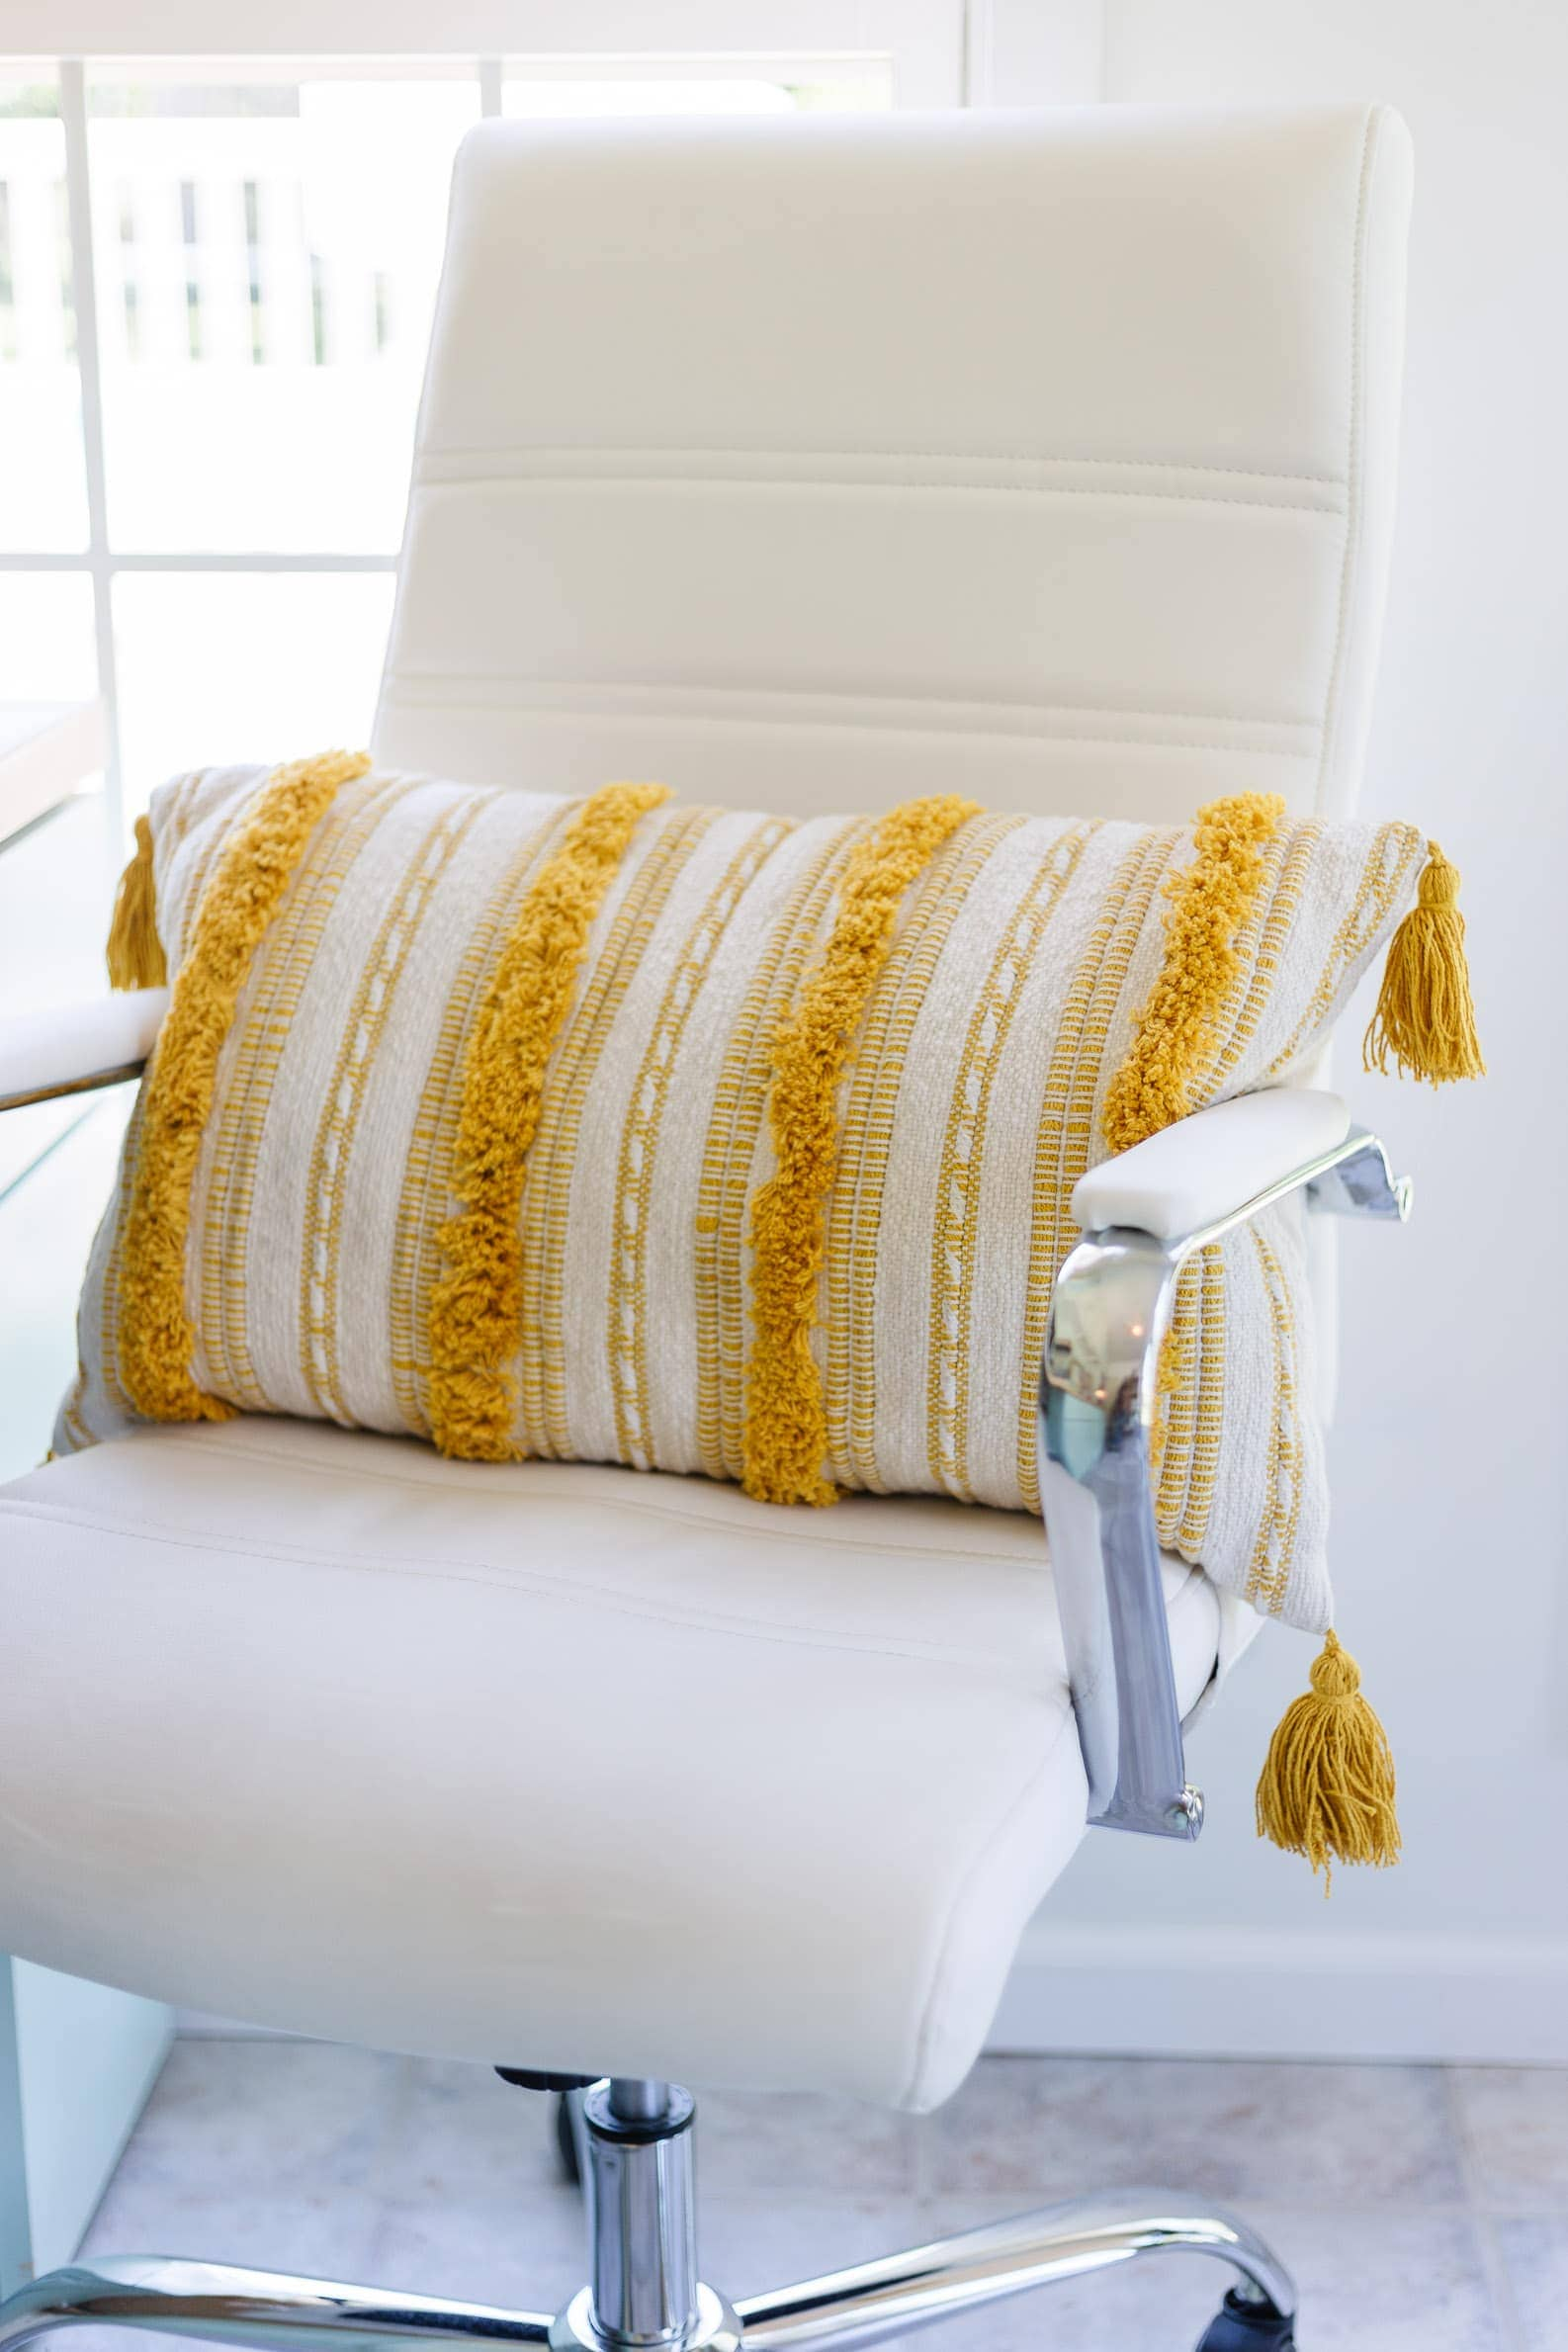 summer office decor featuring yellow striped lumbar pillow